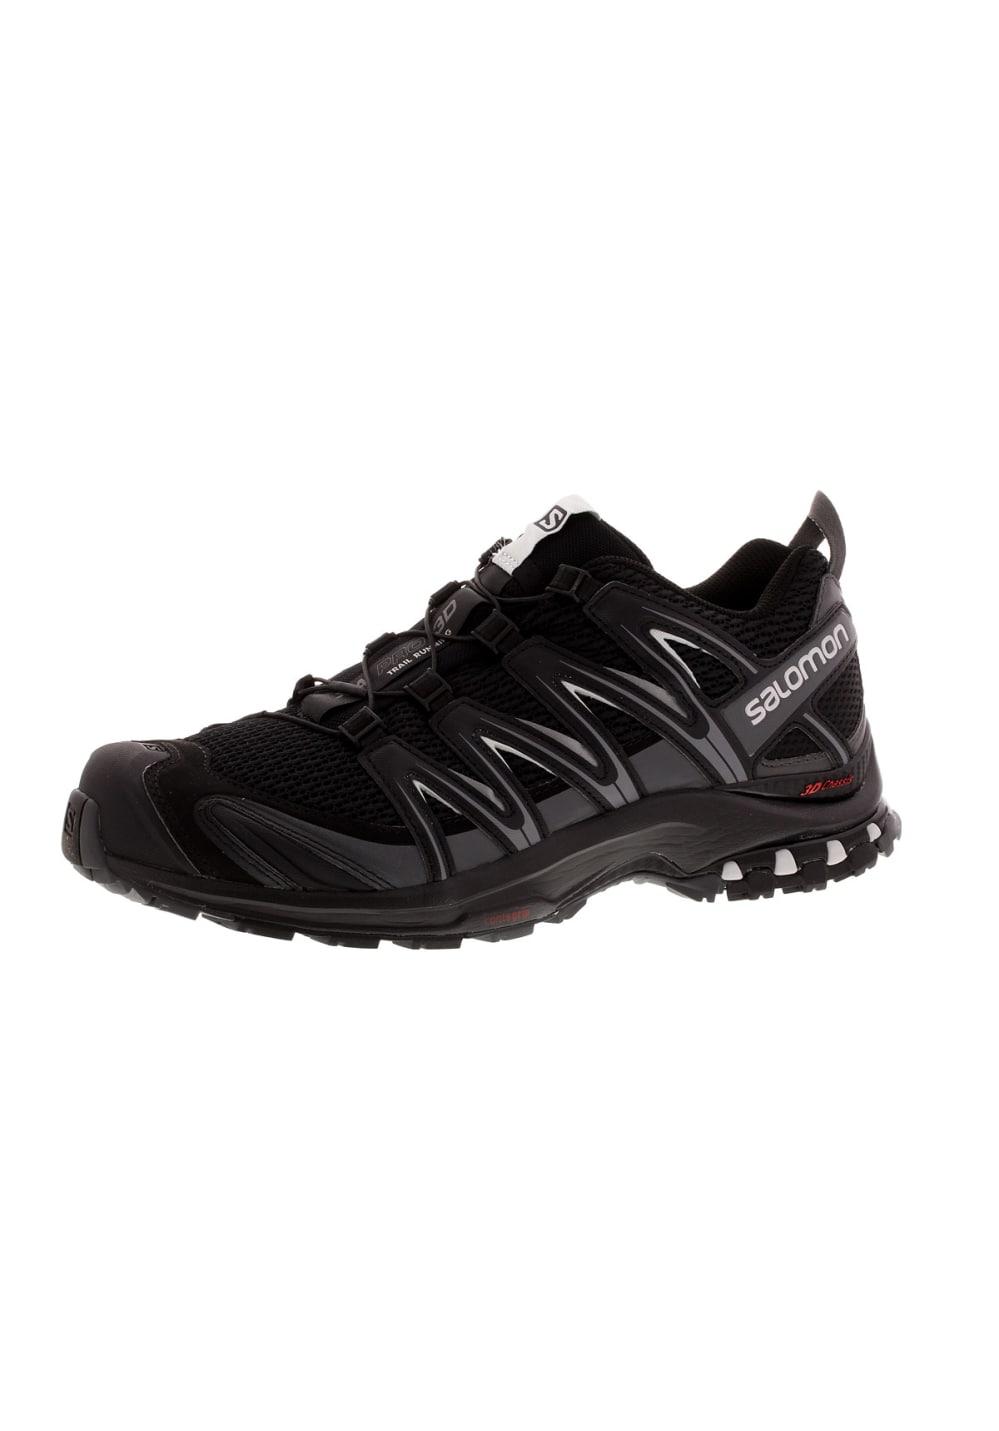 Chaussure running homme pronateur lourd